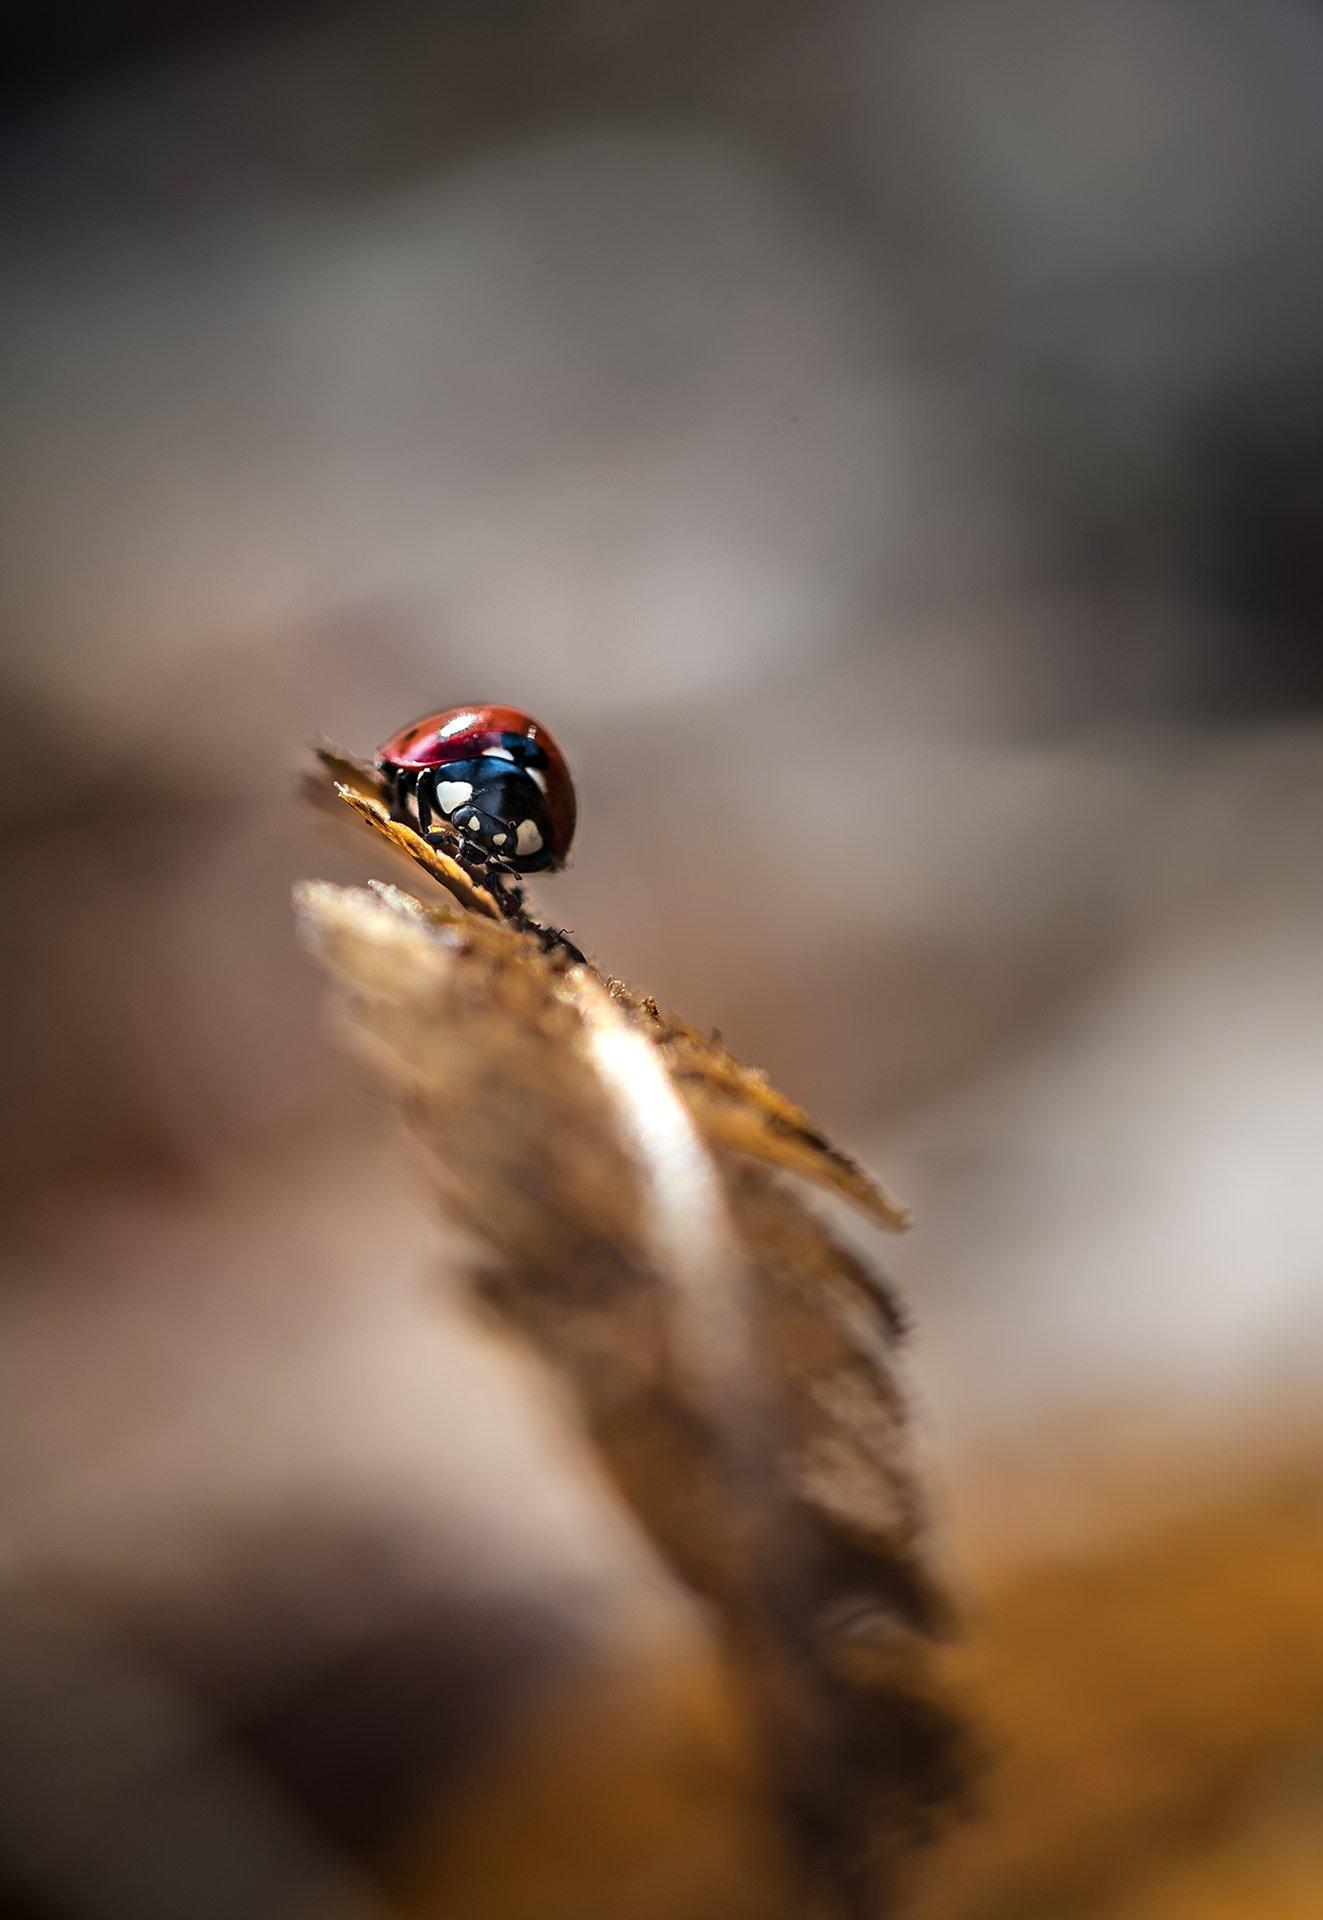 природа, макро, осень, насекомое, жук, божья коровка, растение, папоротник, Неля Рачкова